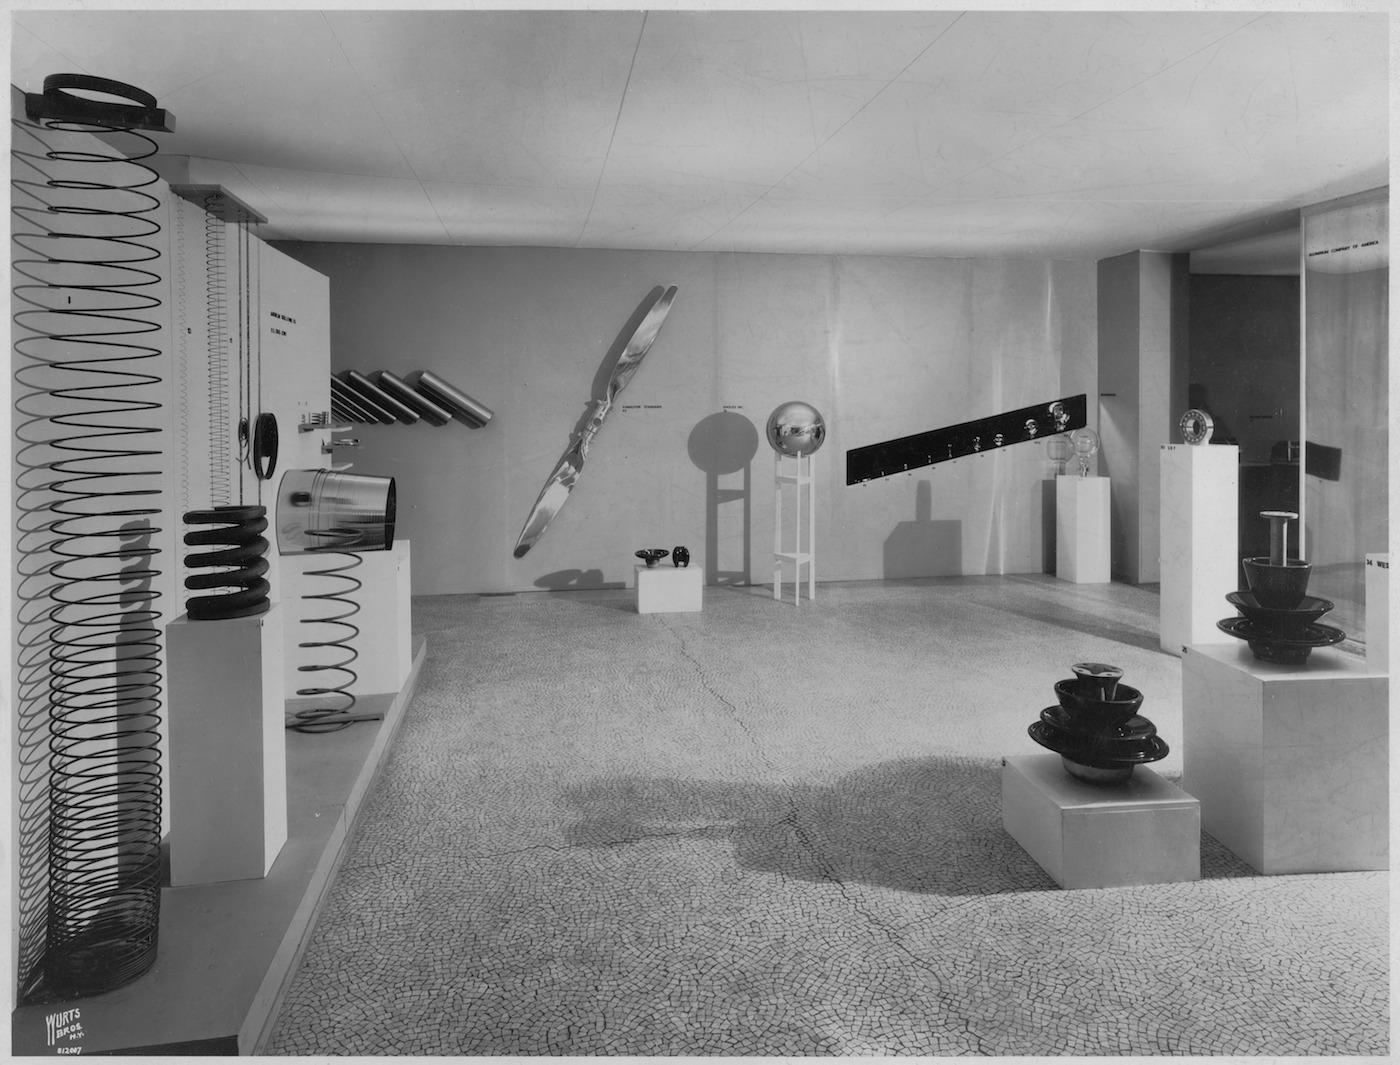 IN34 Machine Art, March 5, 1934 - April 29, 1934